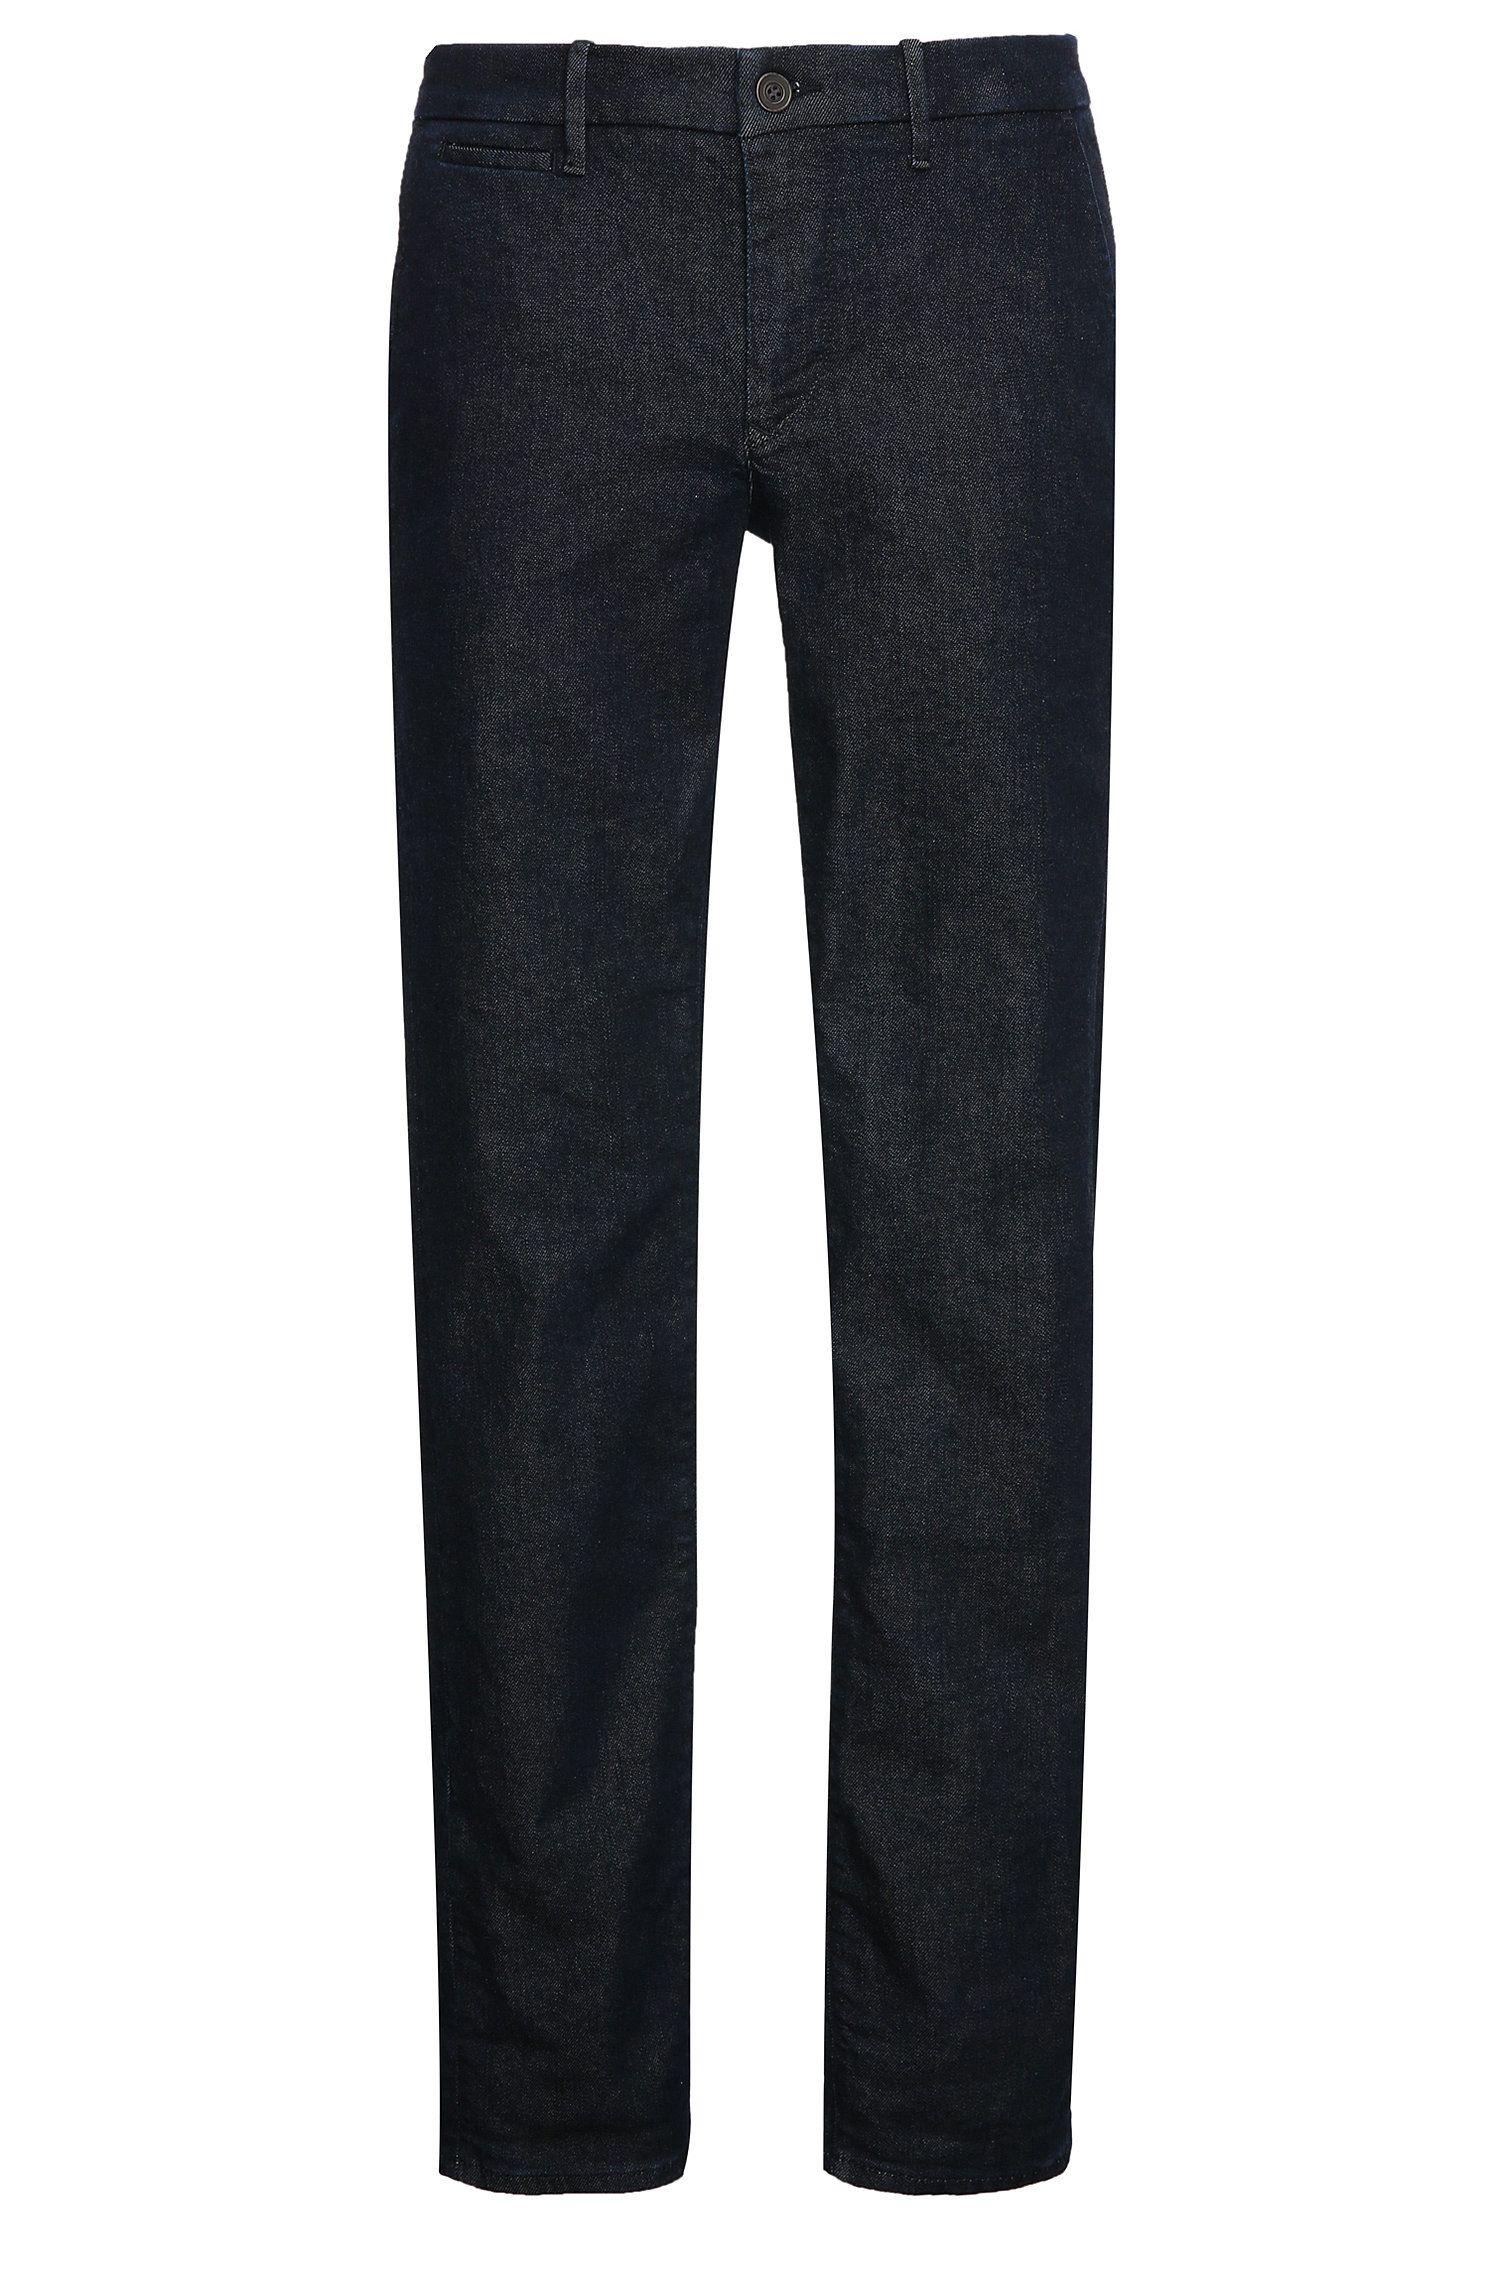 Jeans Slim Fit en coton mélangé texturé mélangé à de l'élasthanne: «Orange62 Chester»